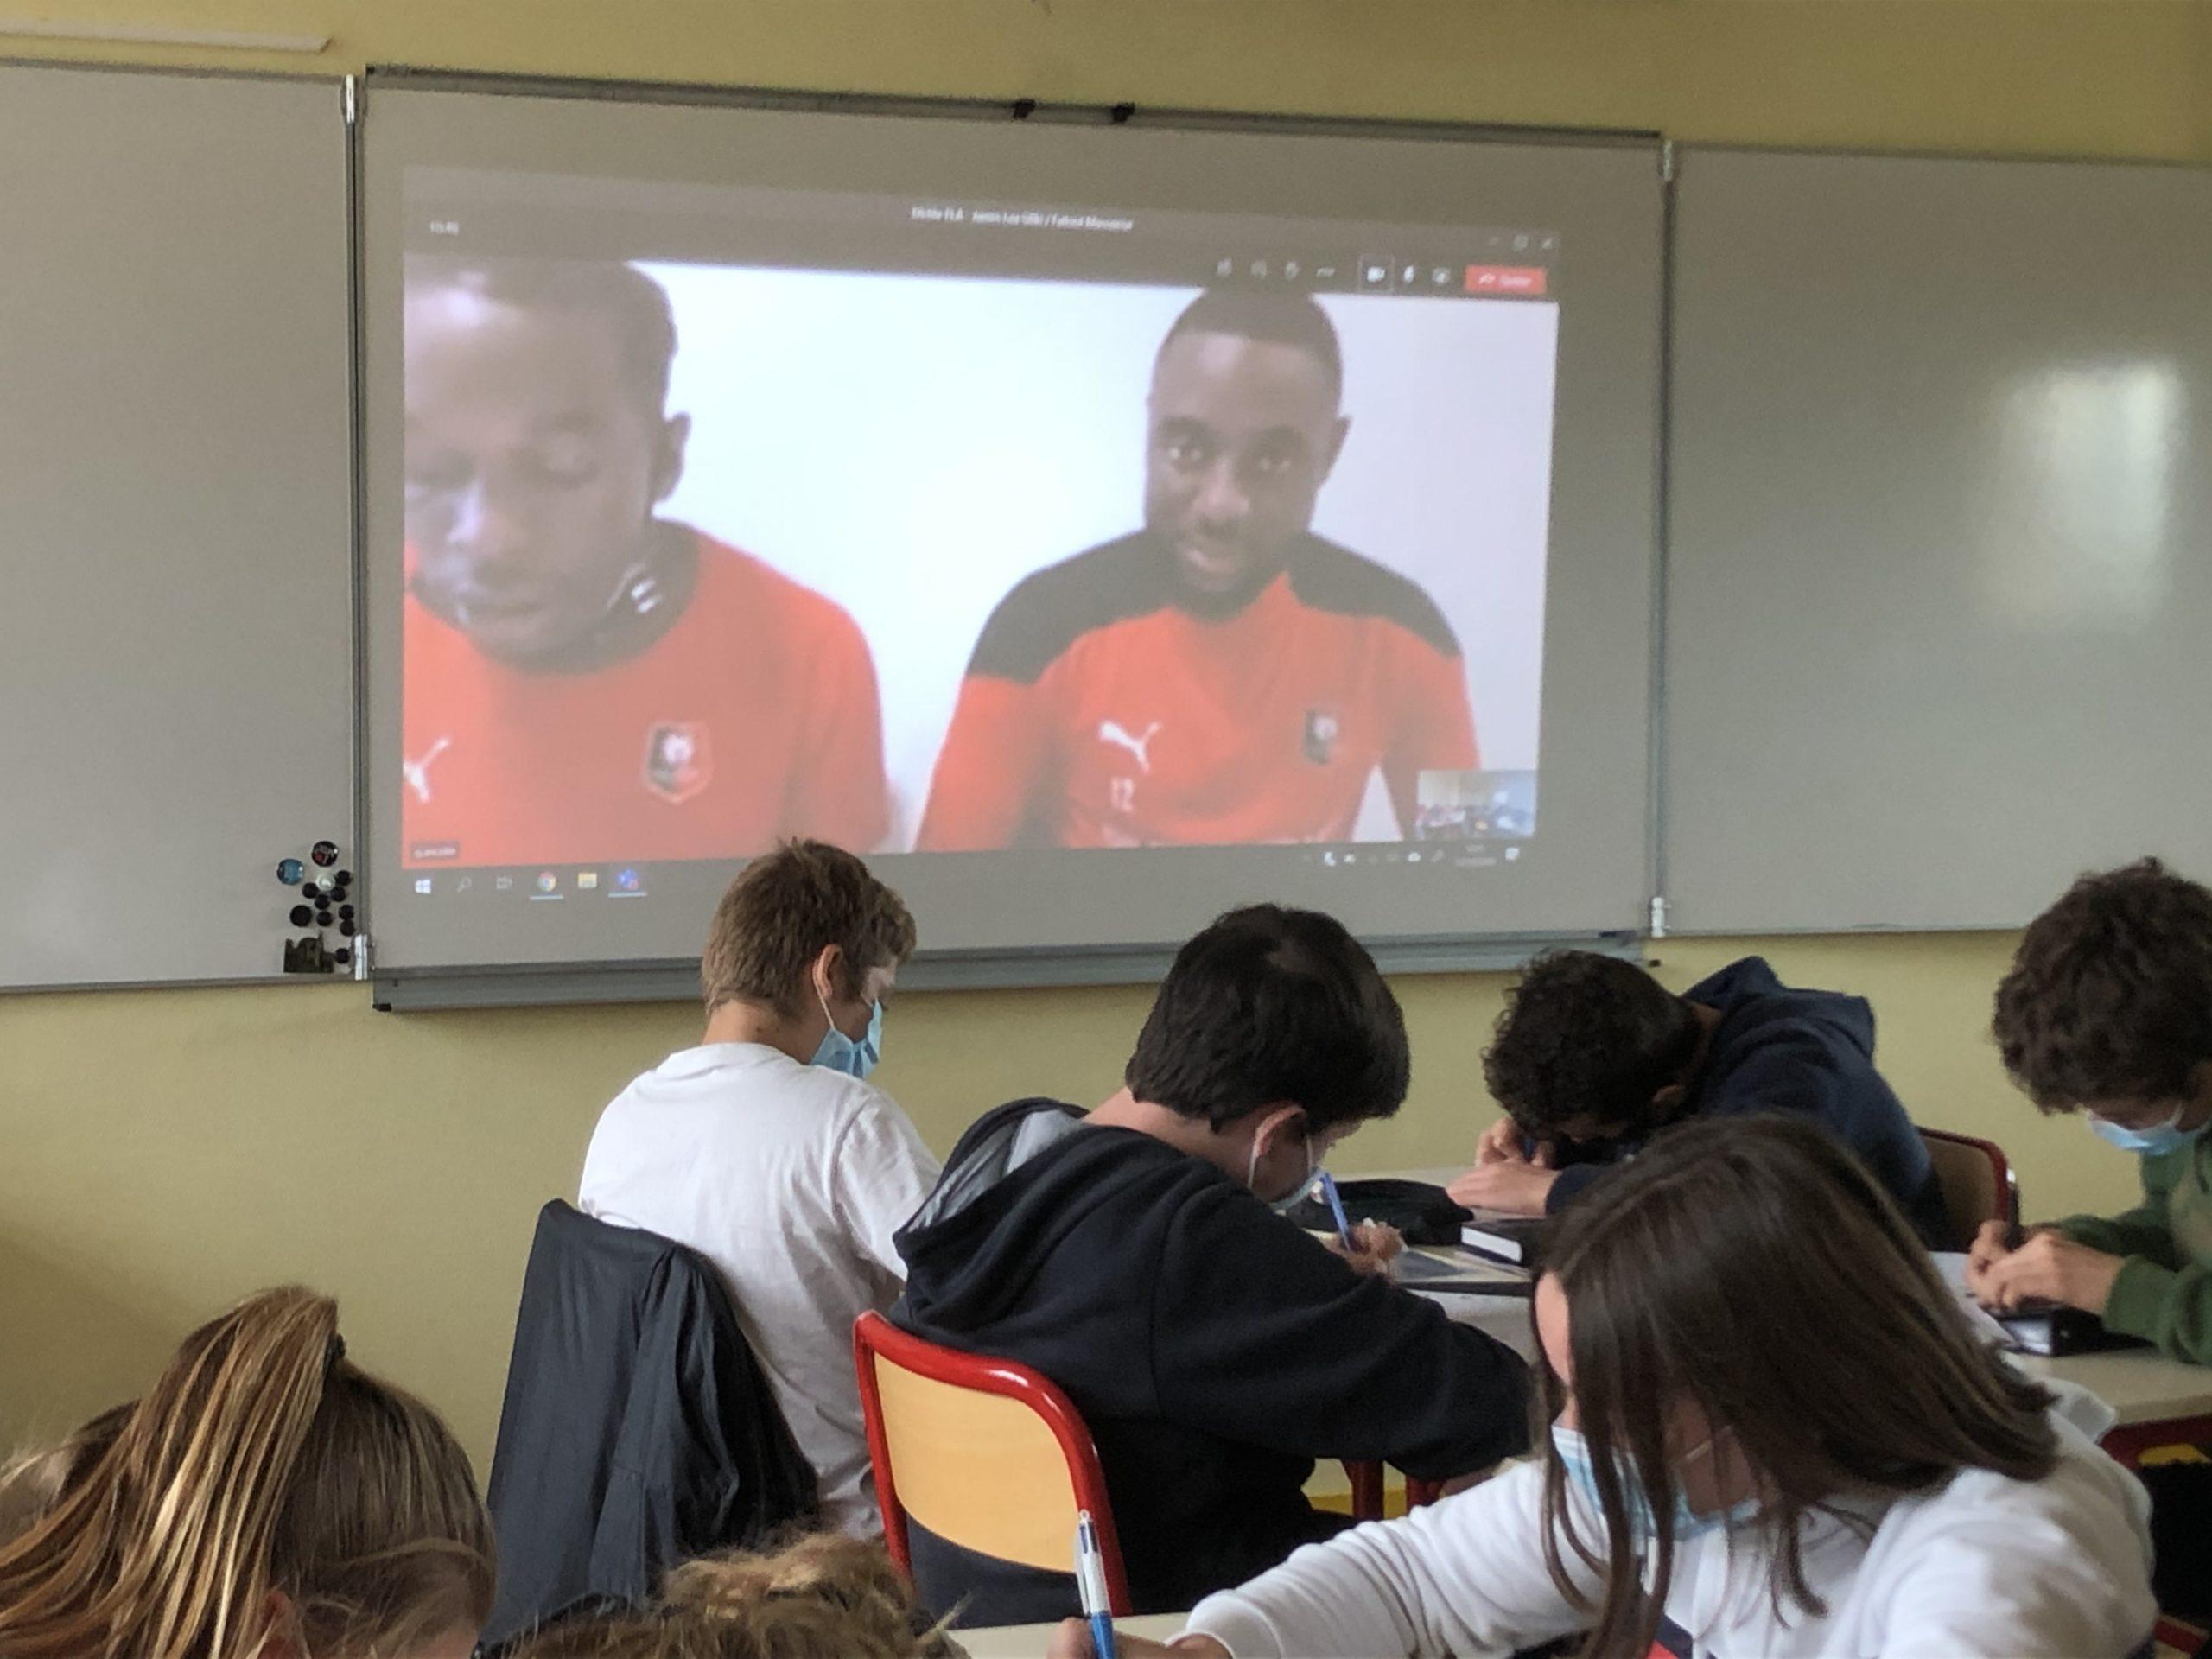 Deux joueurs du stade Rennais donnent la dictée aux élèves de 3ème C